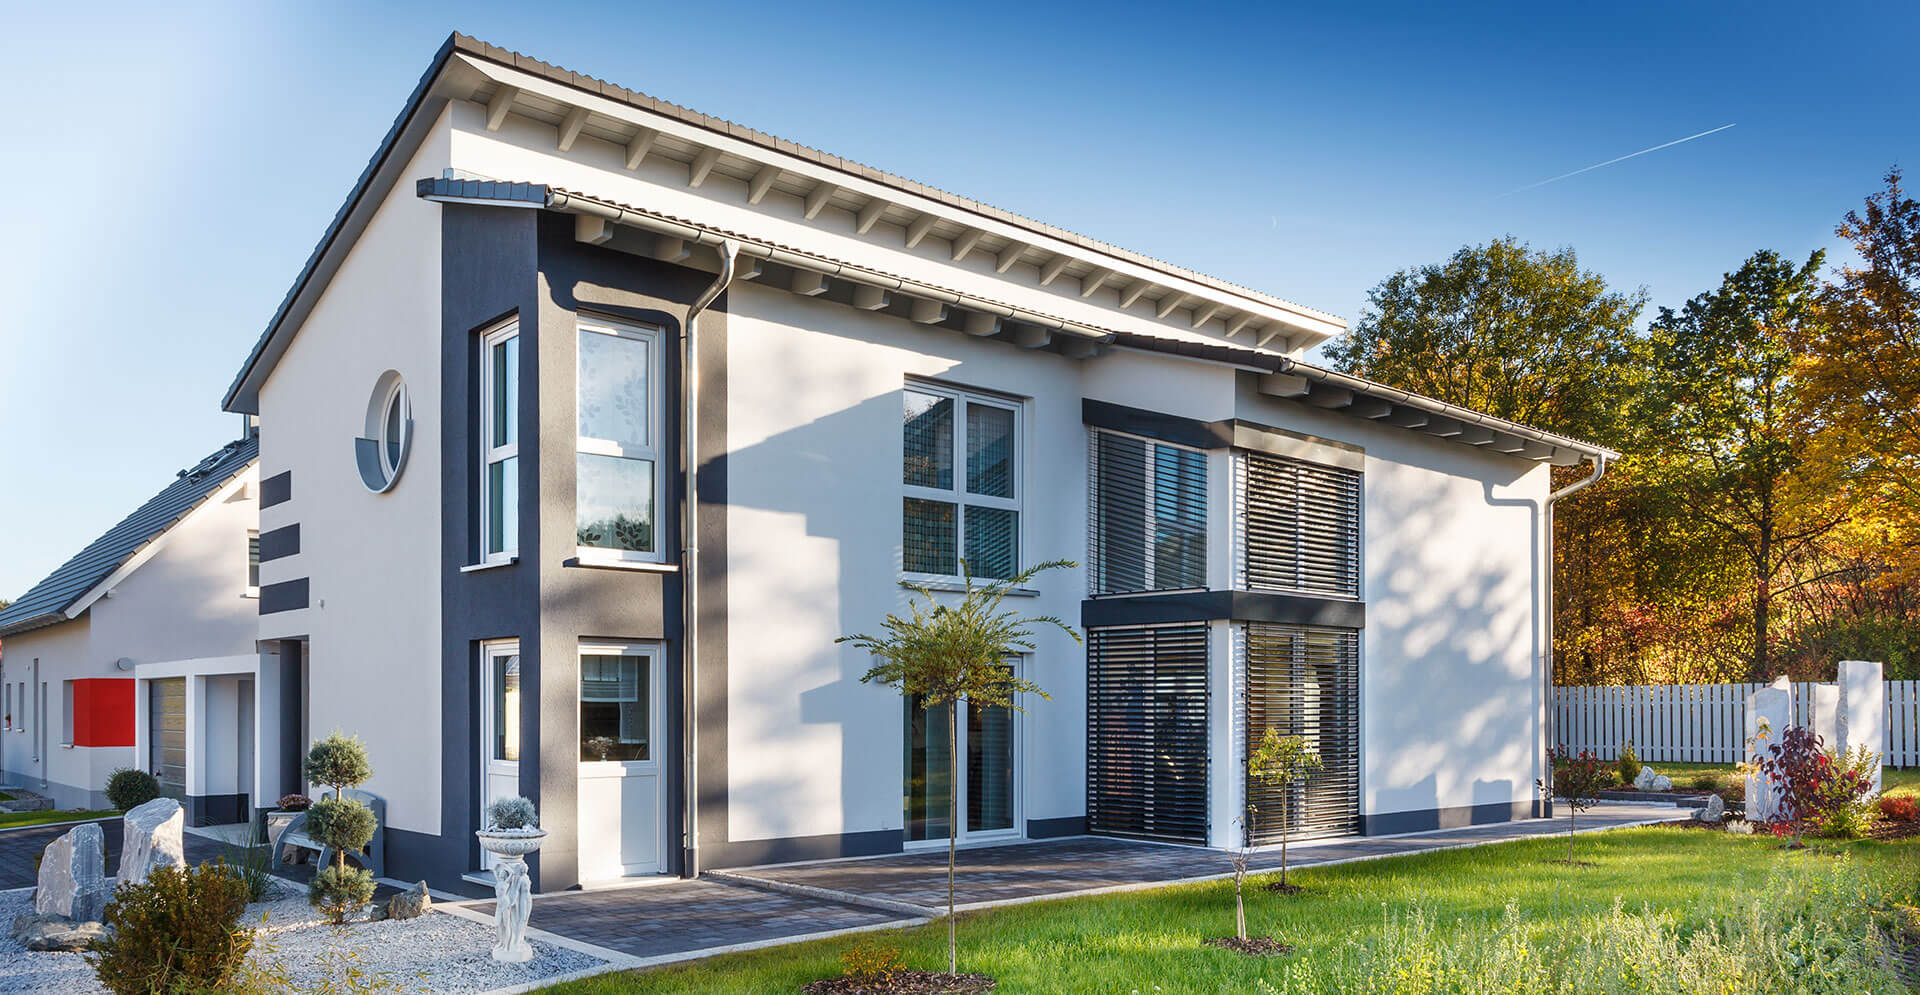 Hausbau im Großraum Nürnberg, Bayreuth, Oberfranken ...